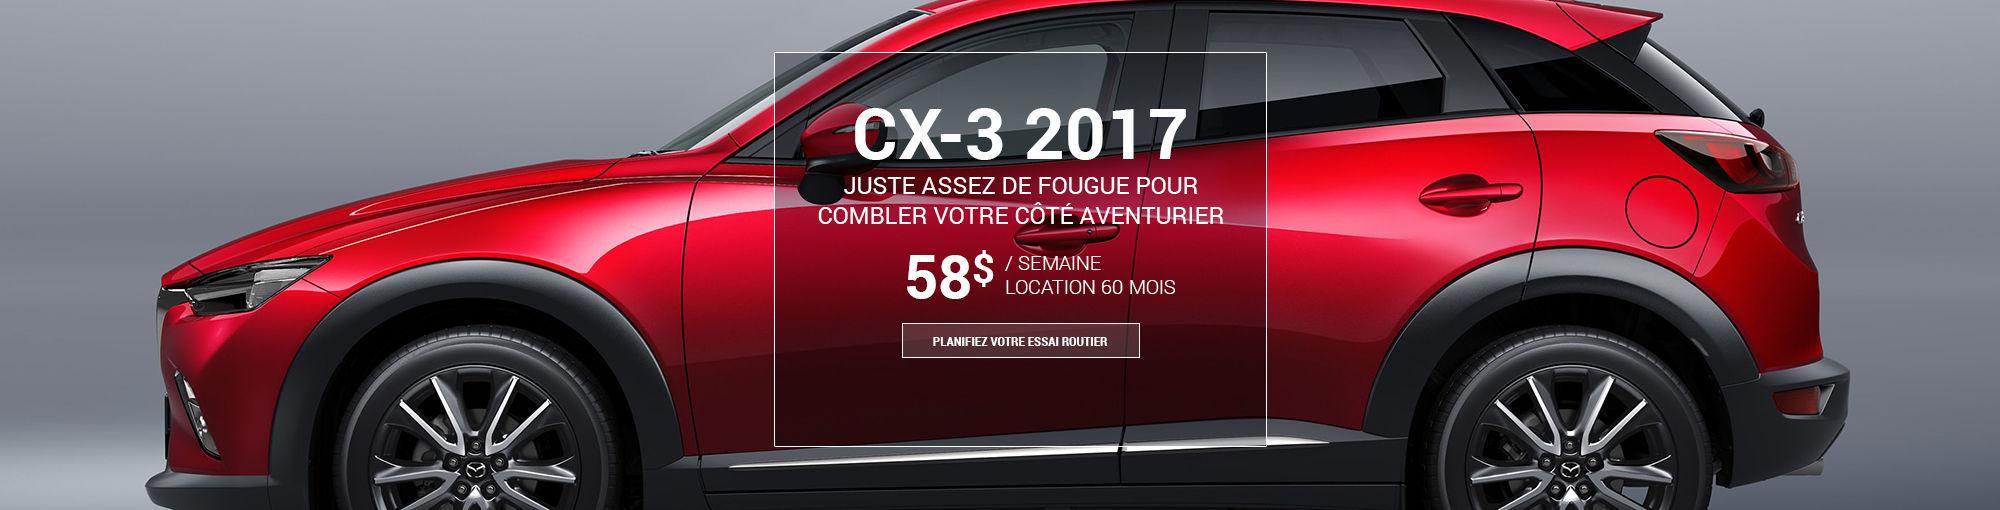 CX3 2017 - octobre 2016